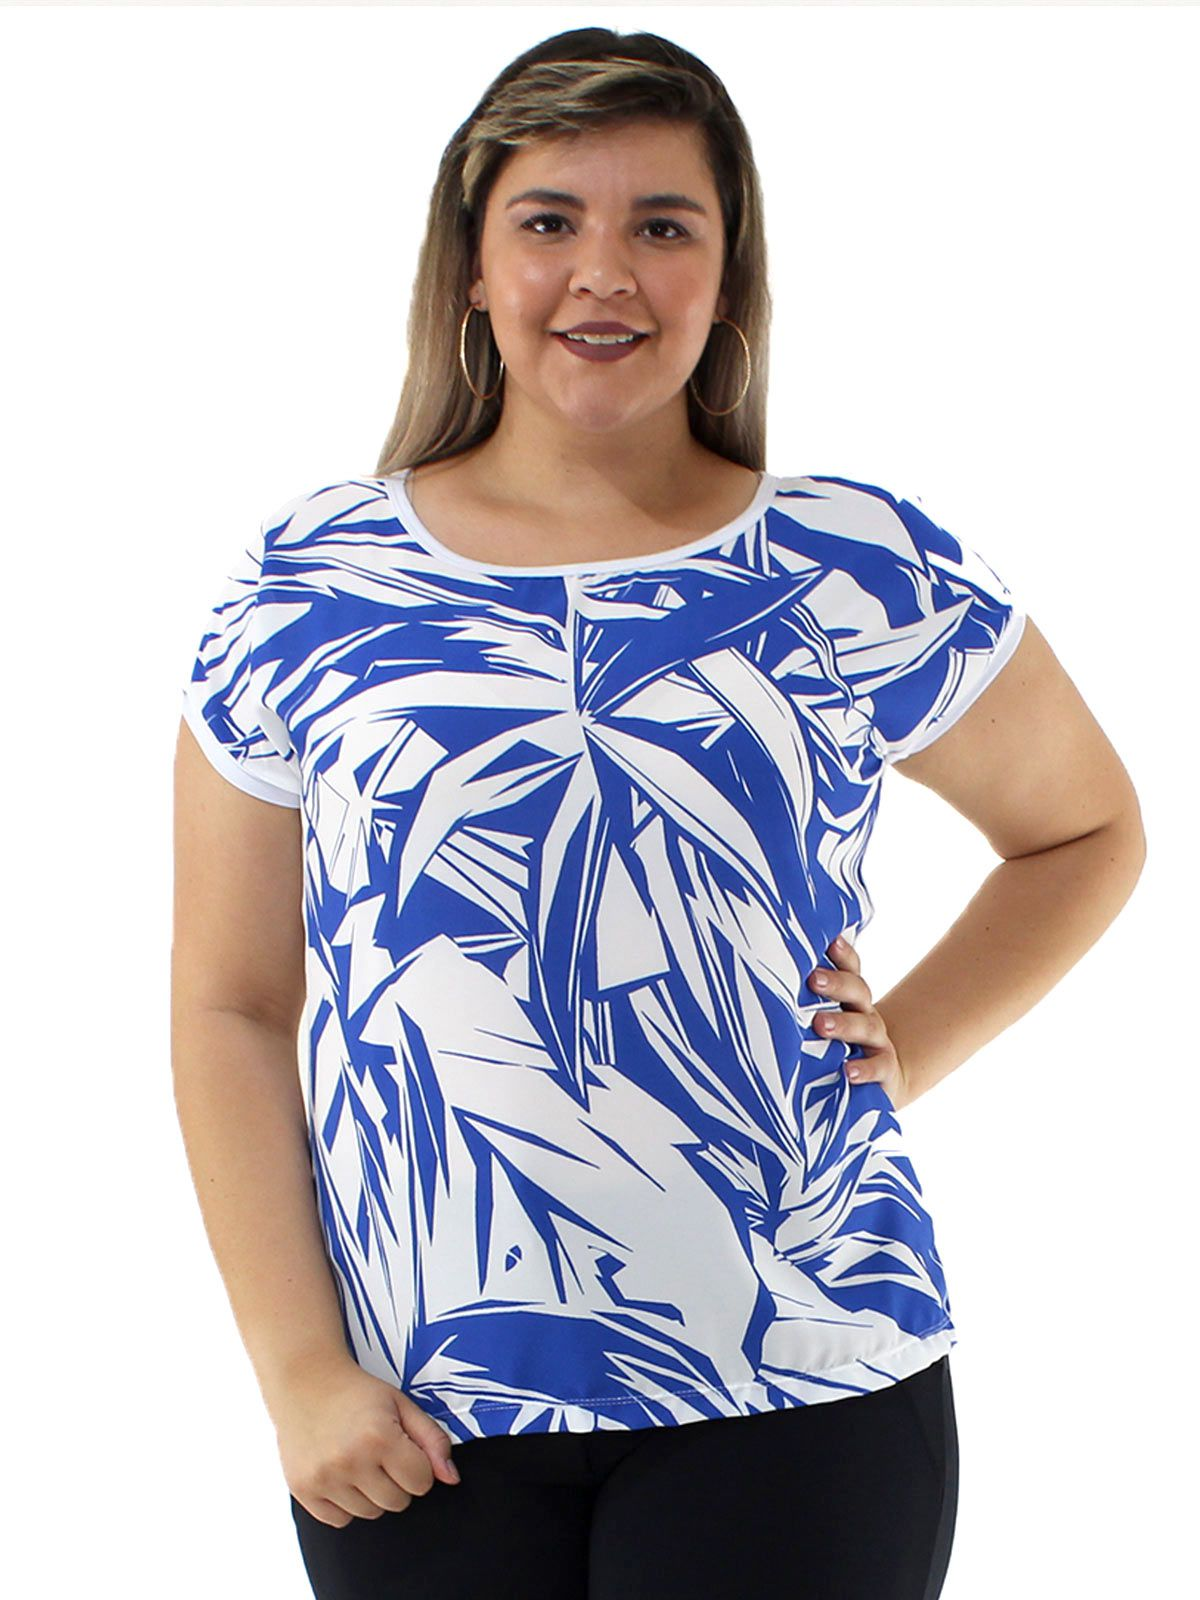 Blusa Plus Size Decote Aberto Estampada KTS Azul